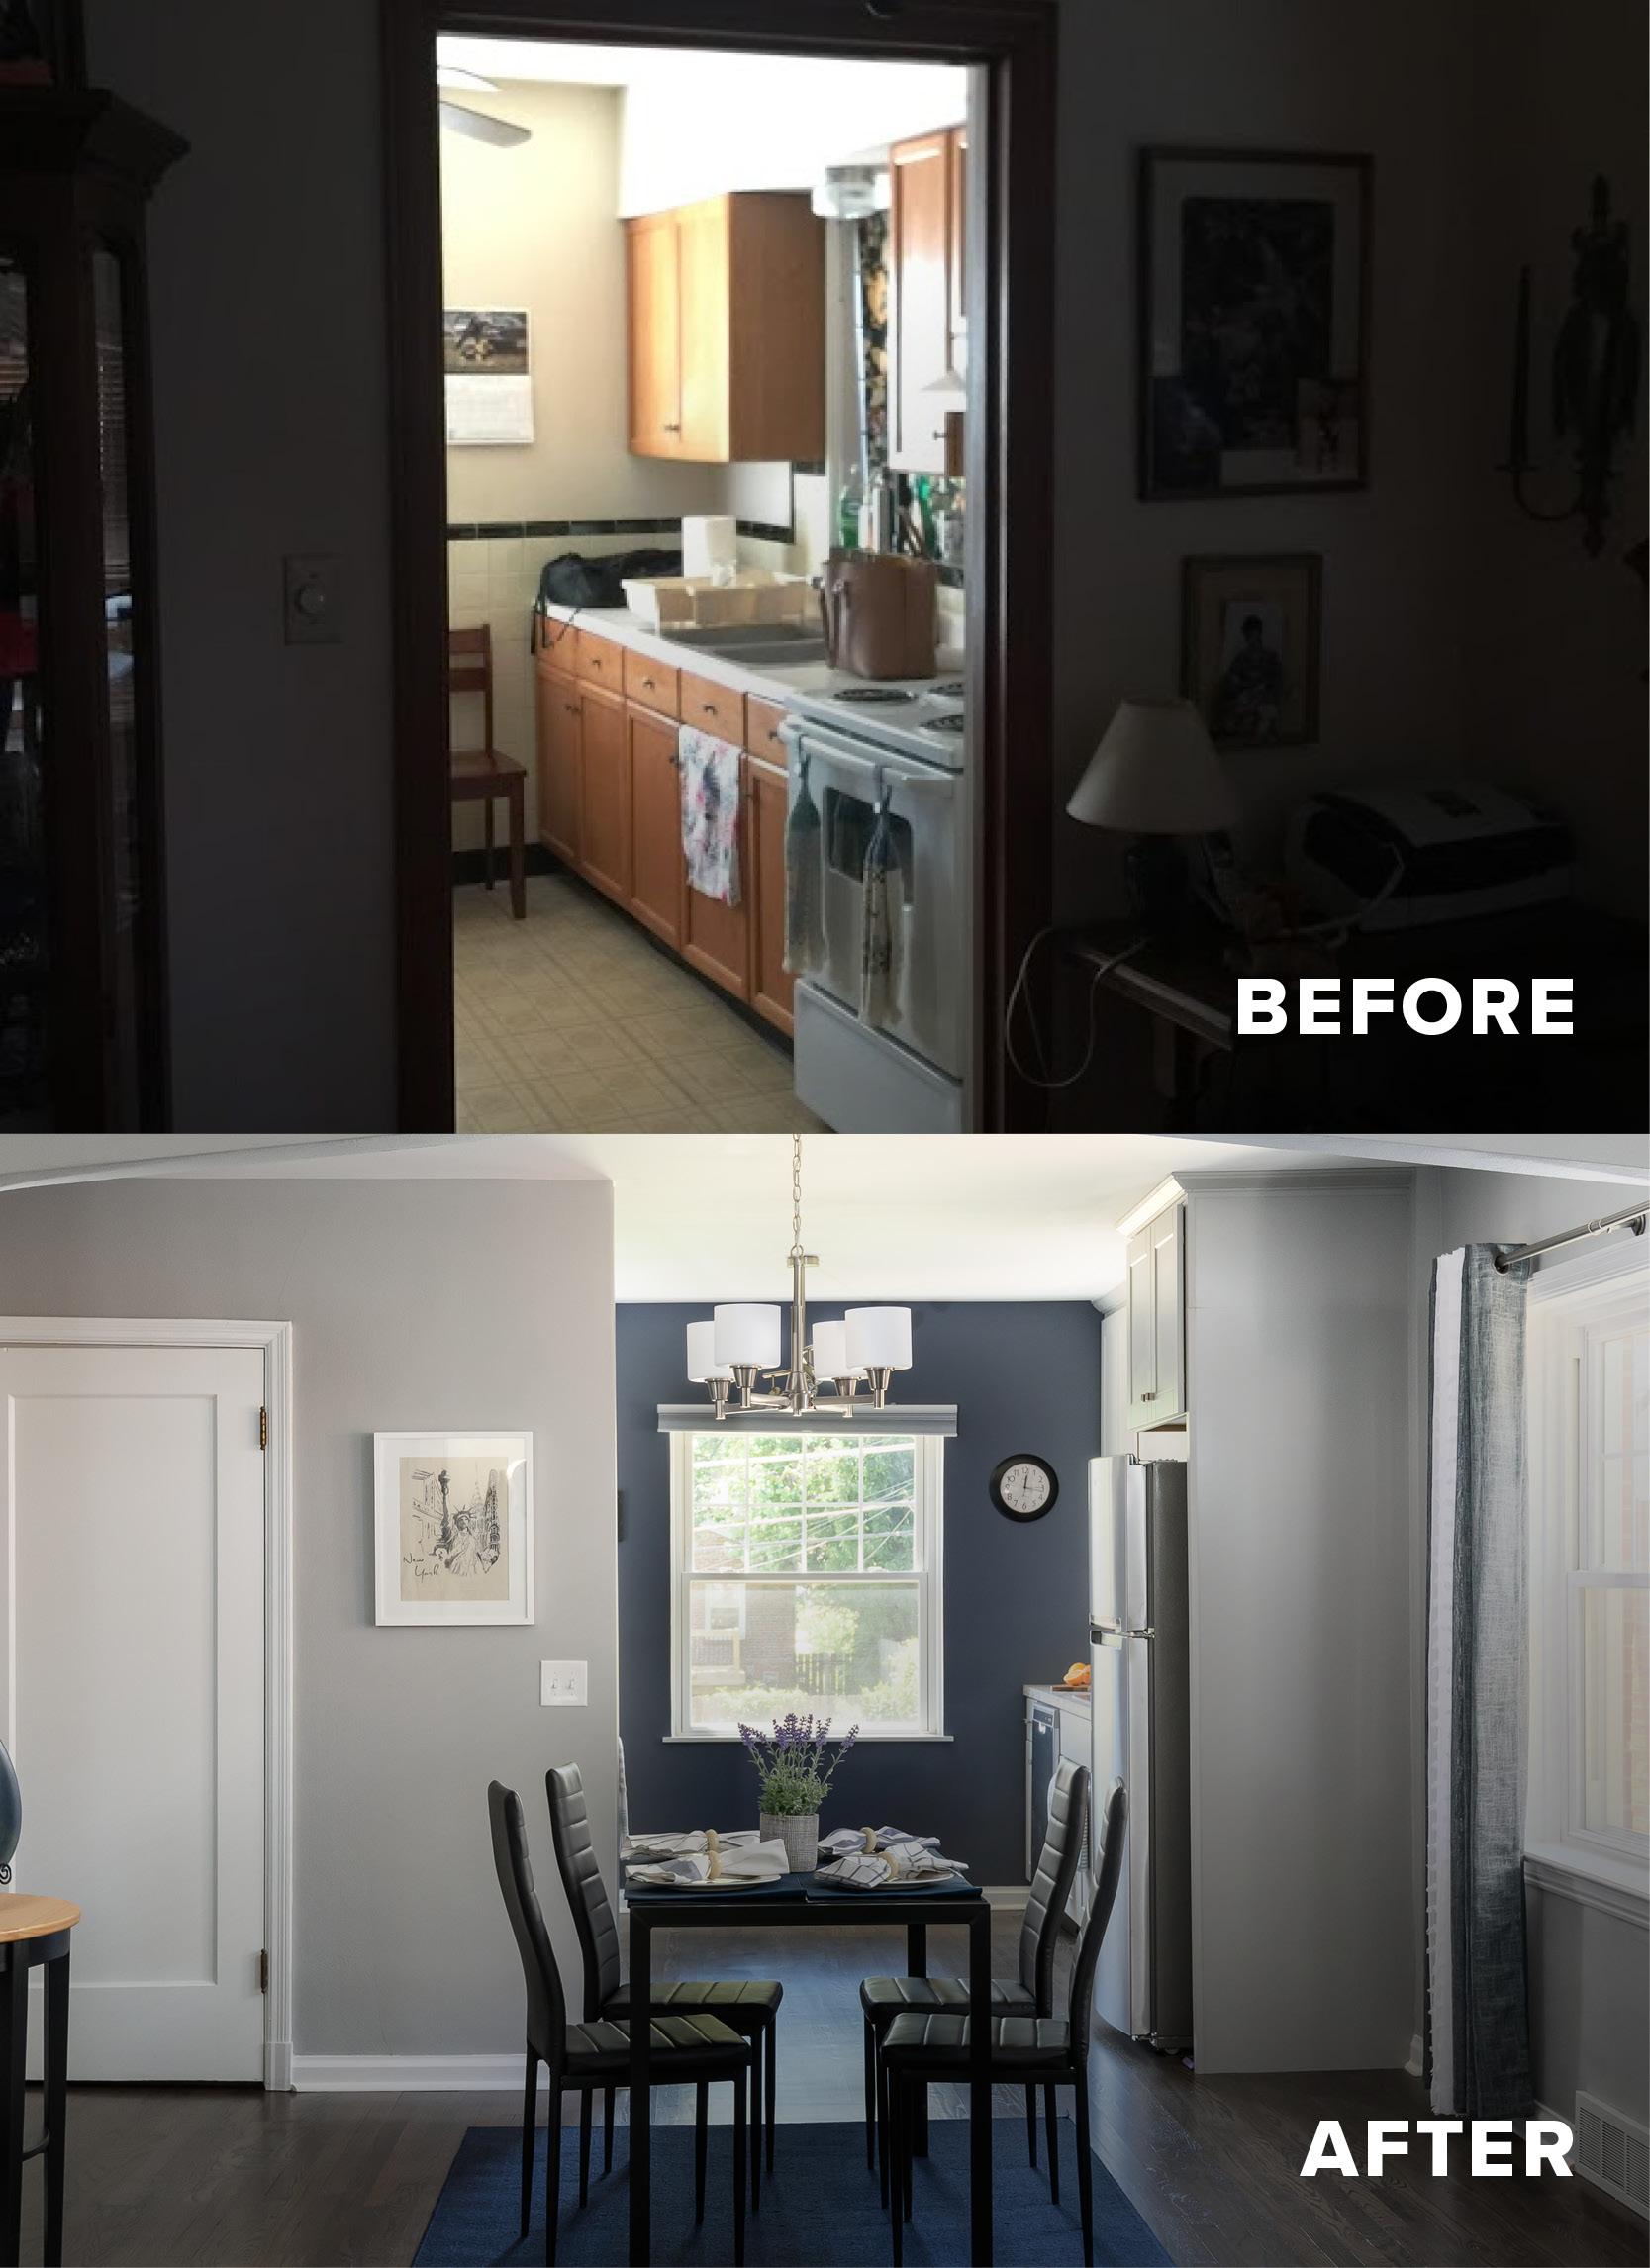 LU-Before:After2.jpg